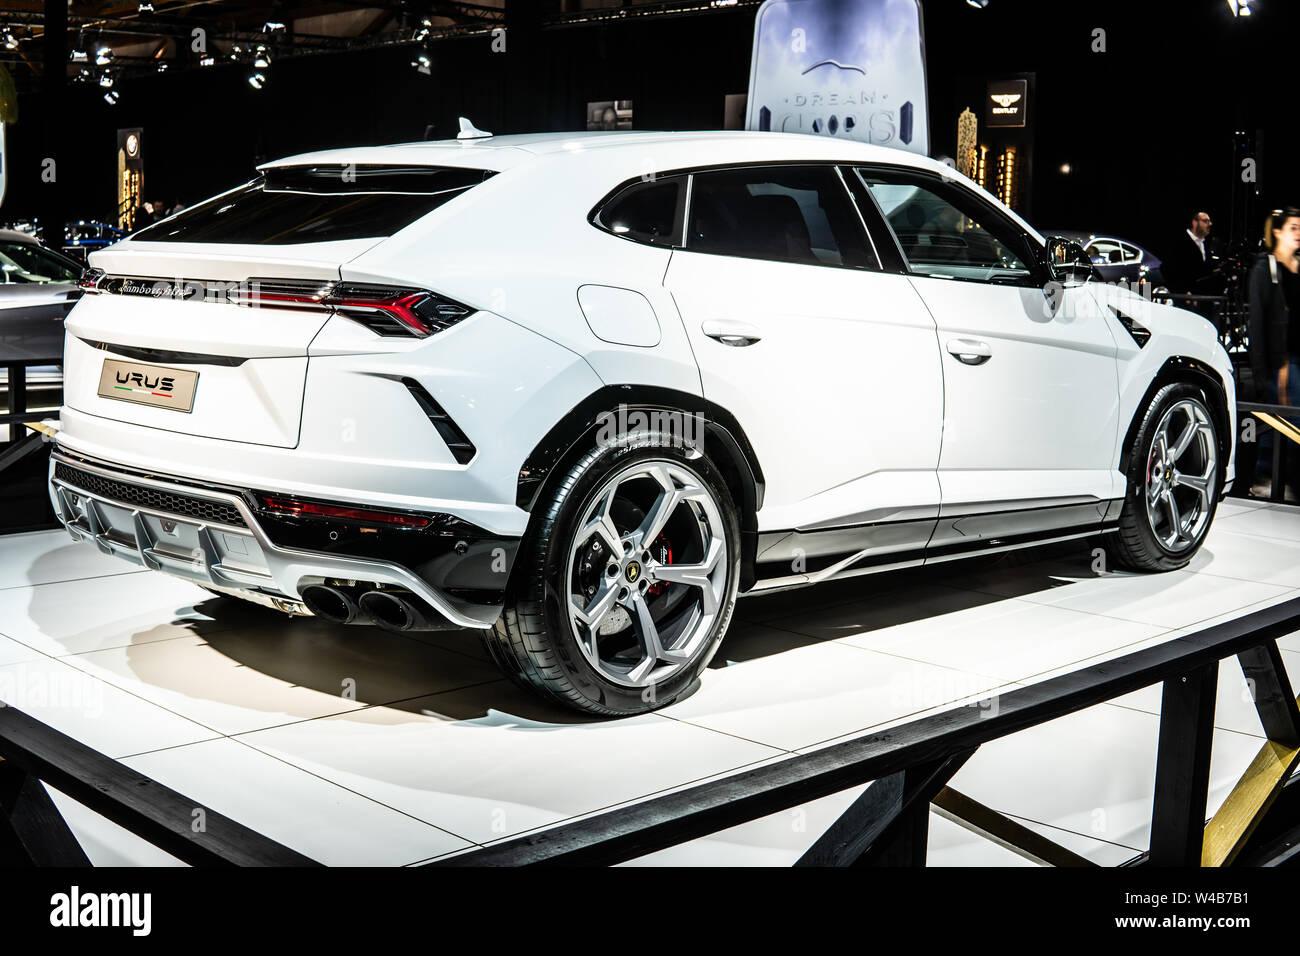 Brussels, Belgium, Jan 2019 metallic white Lamborghini Urus